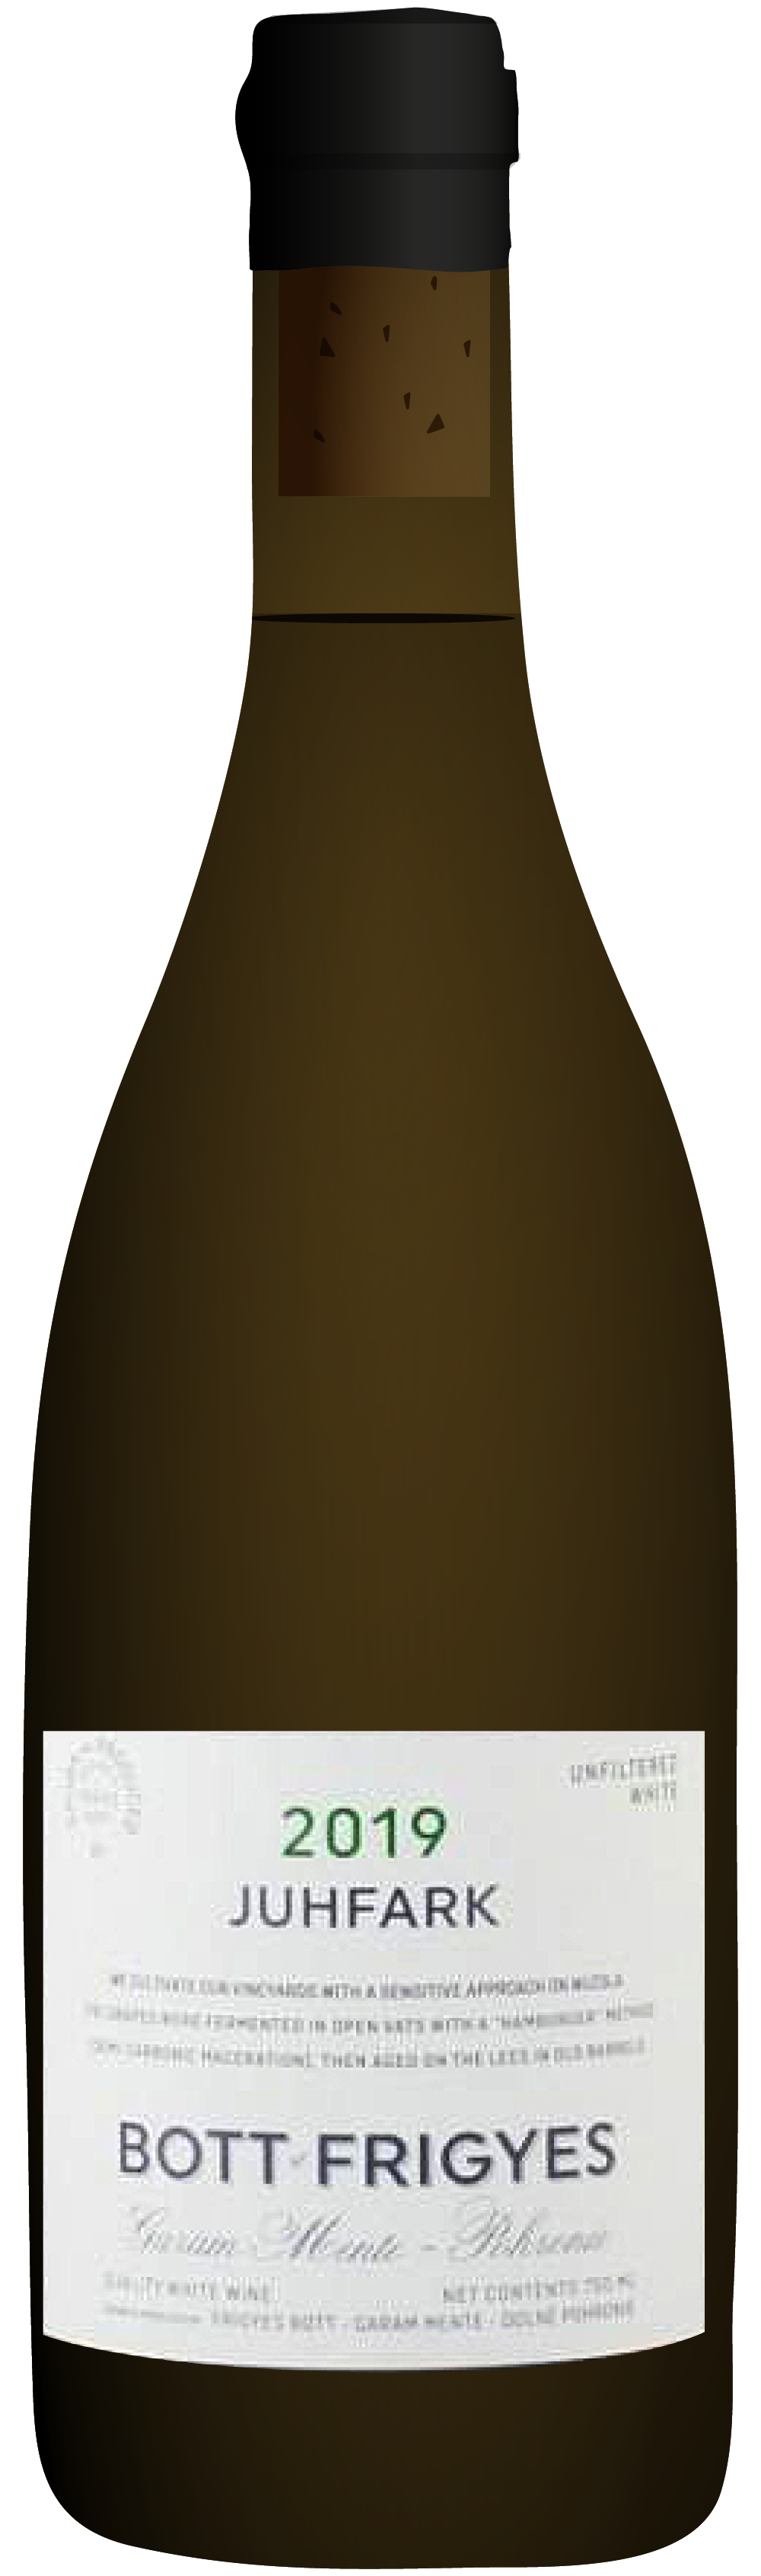 the natural wine company club may 2021 slovakia bott frigyes juhfark 2019